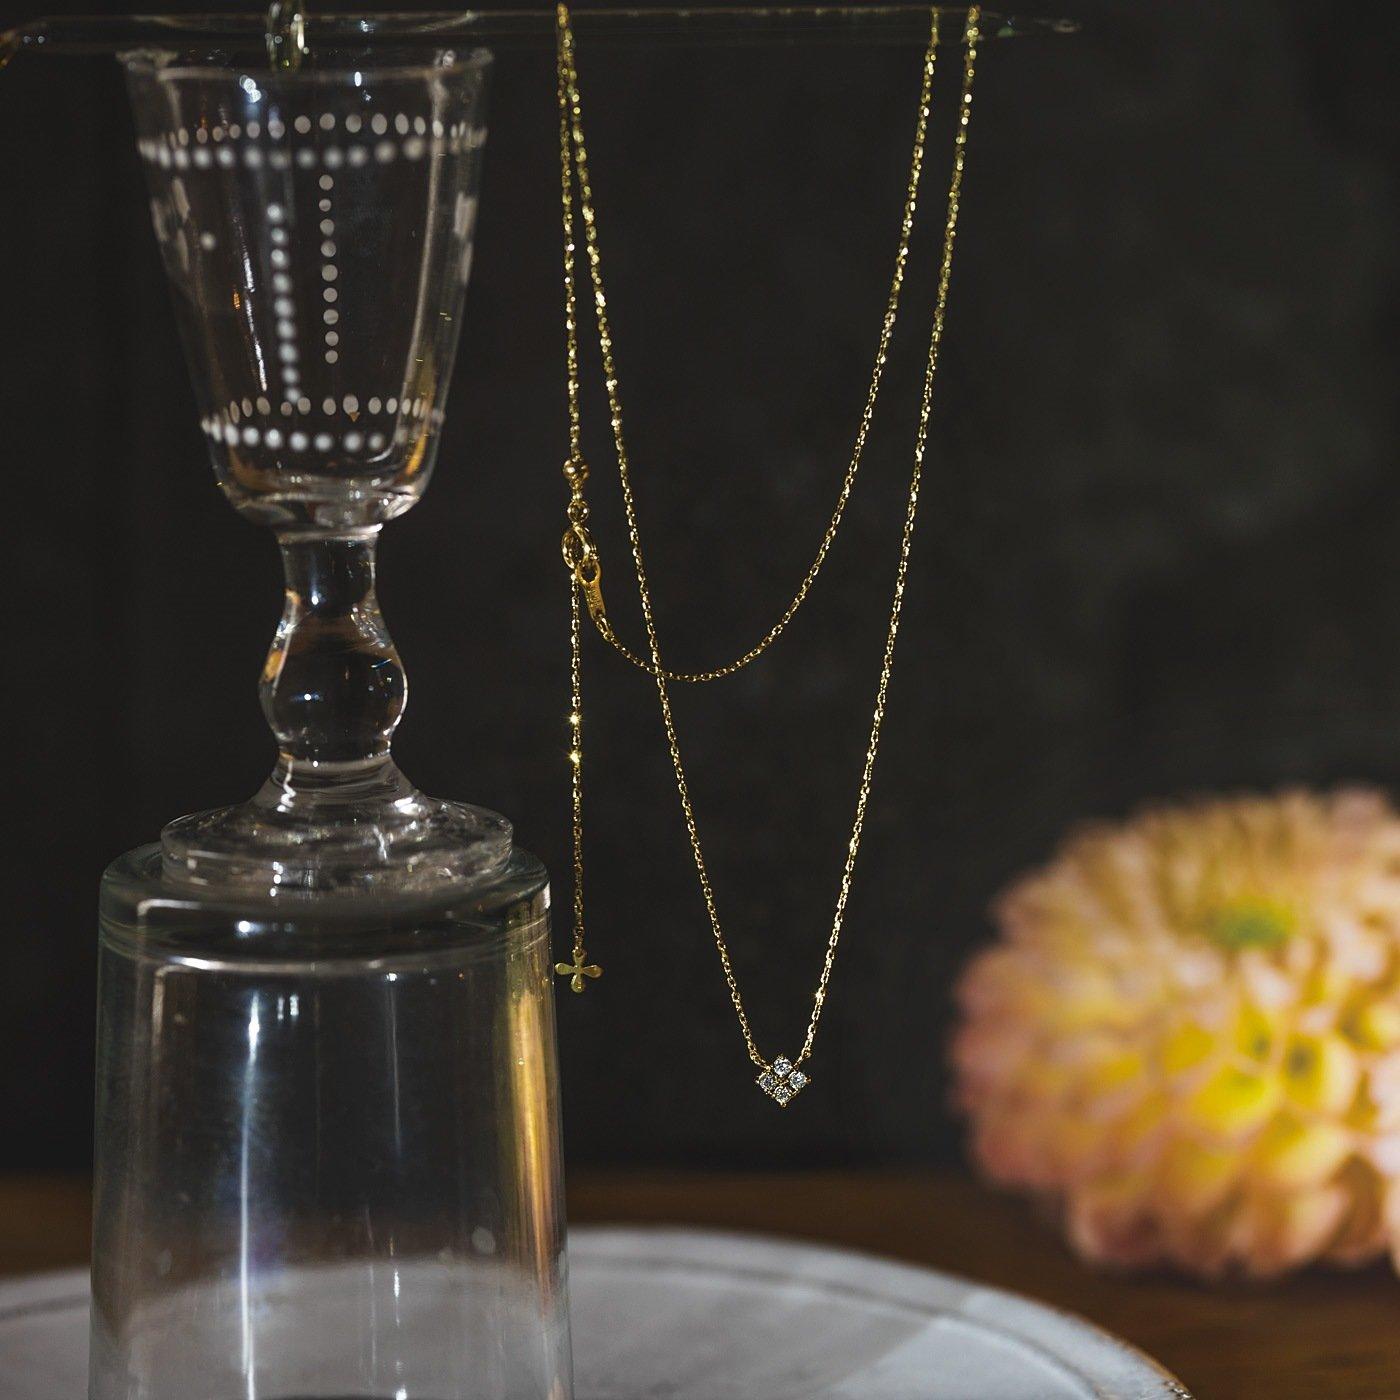 ダイヤモンドのきらめきを集めた 四つ葉のクローバーみたいなネックレス